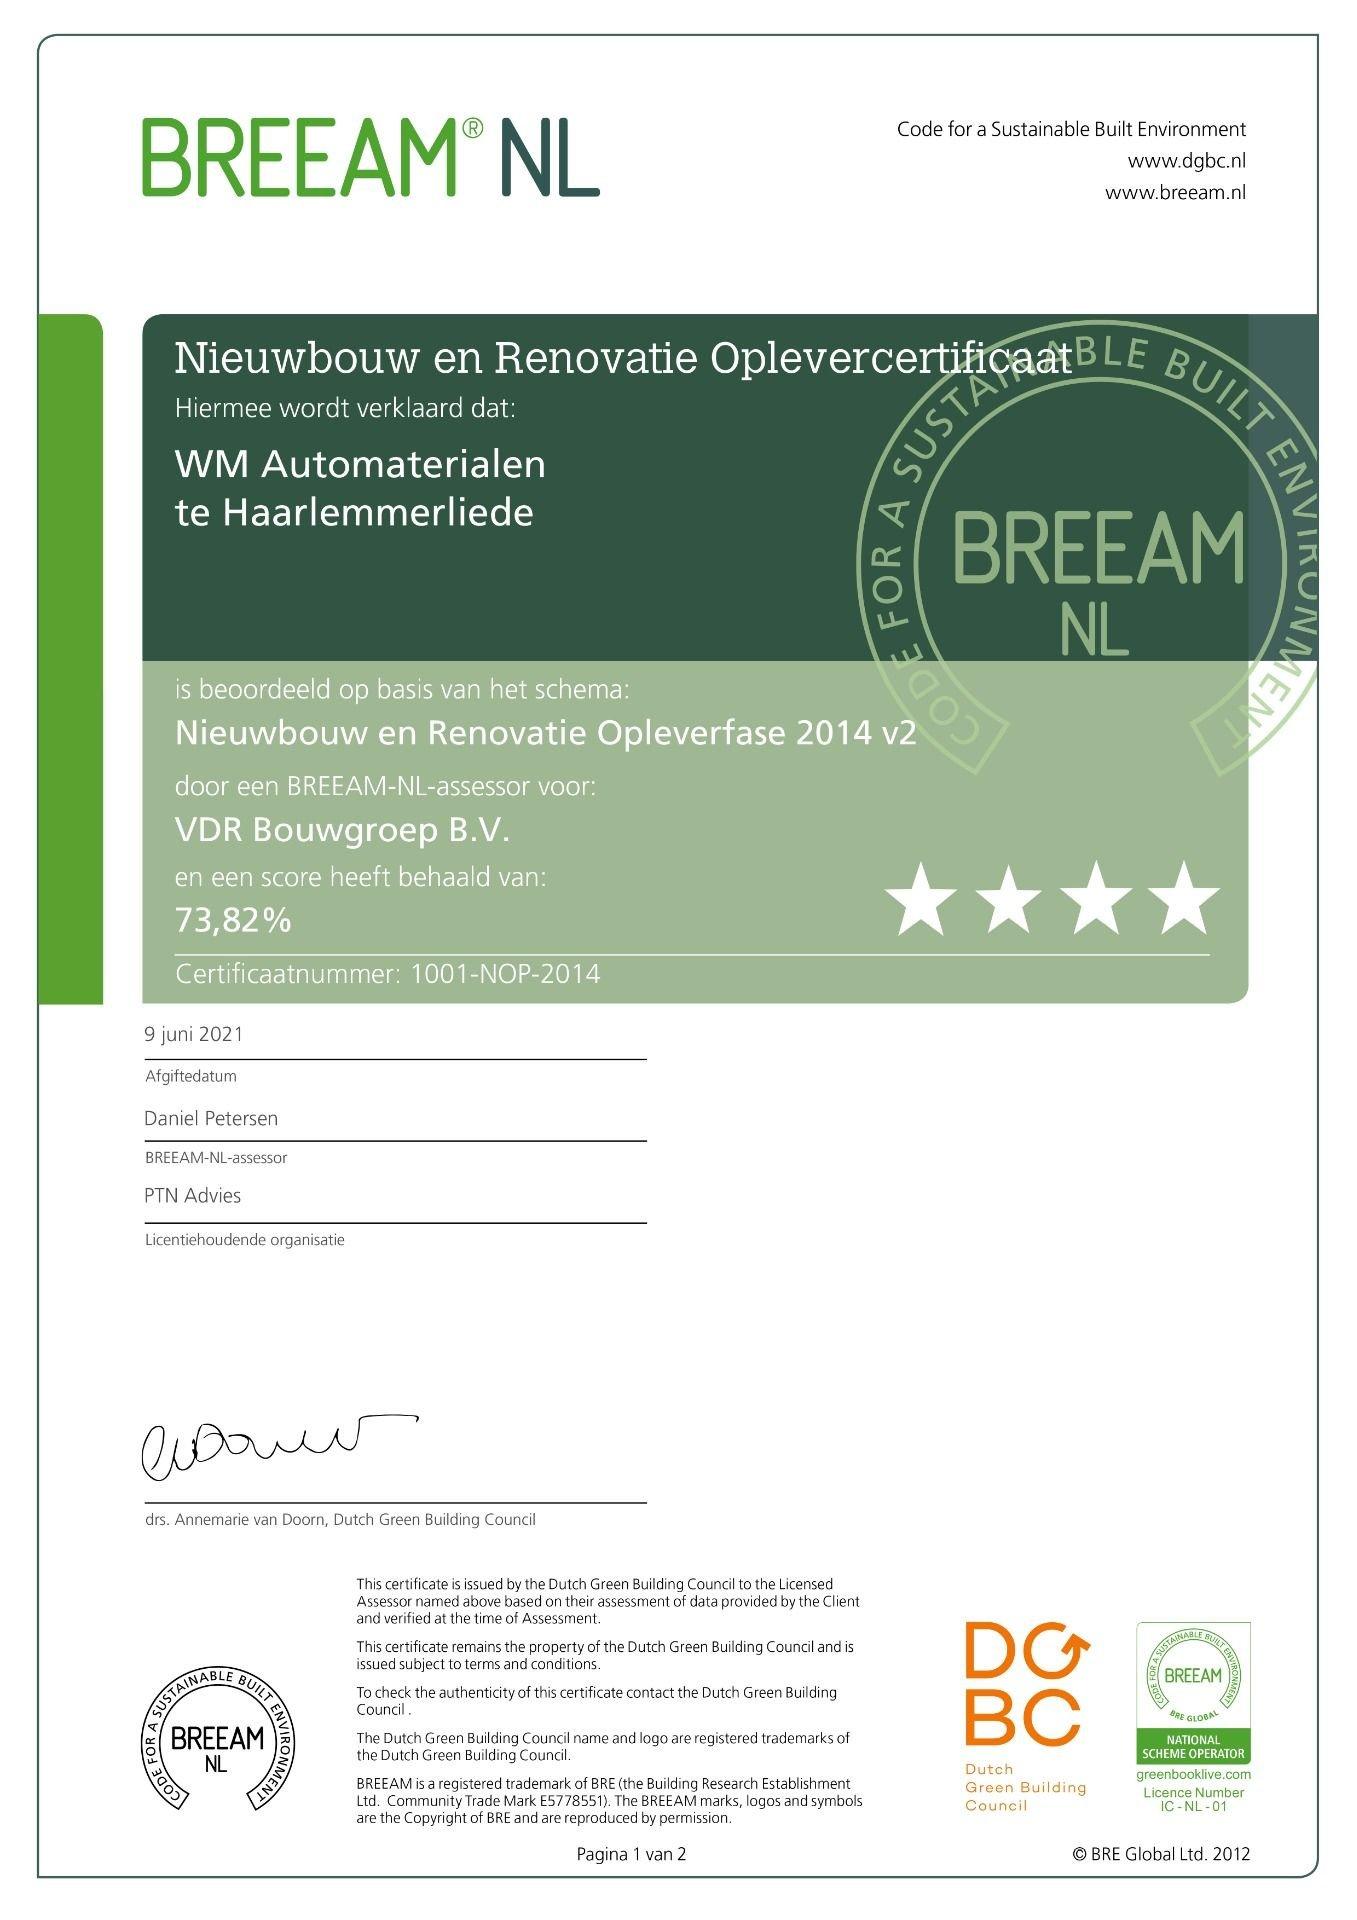 BREEAM Excellent Certificaat